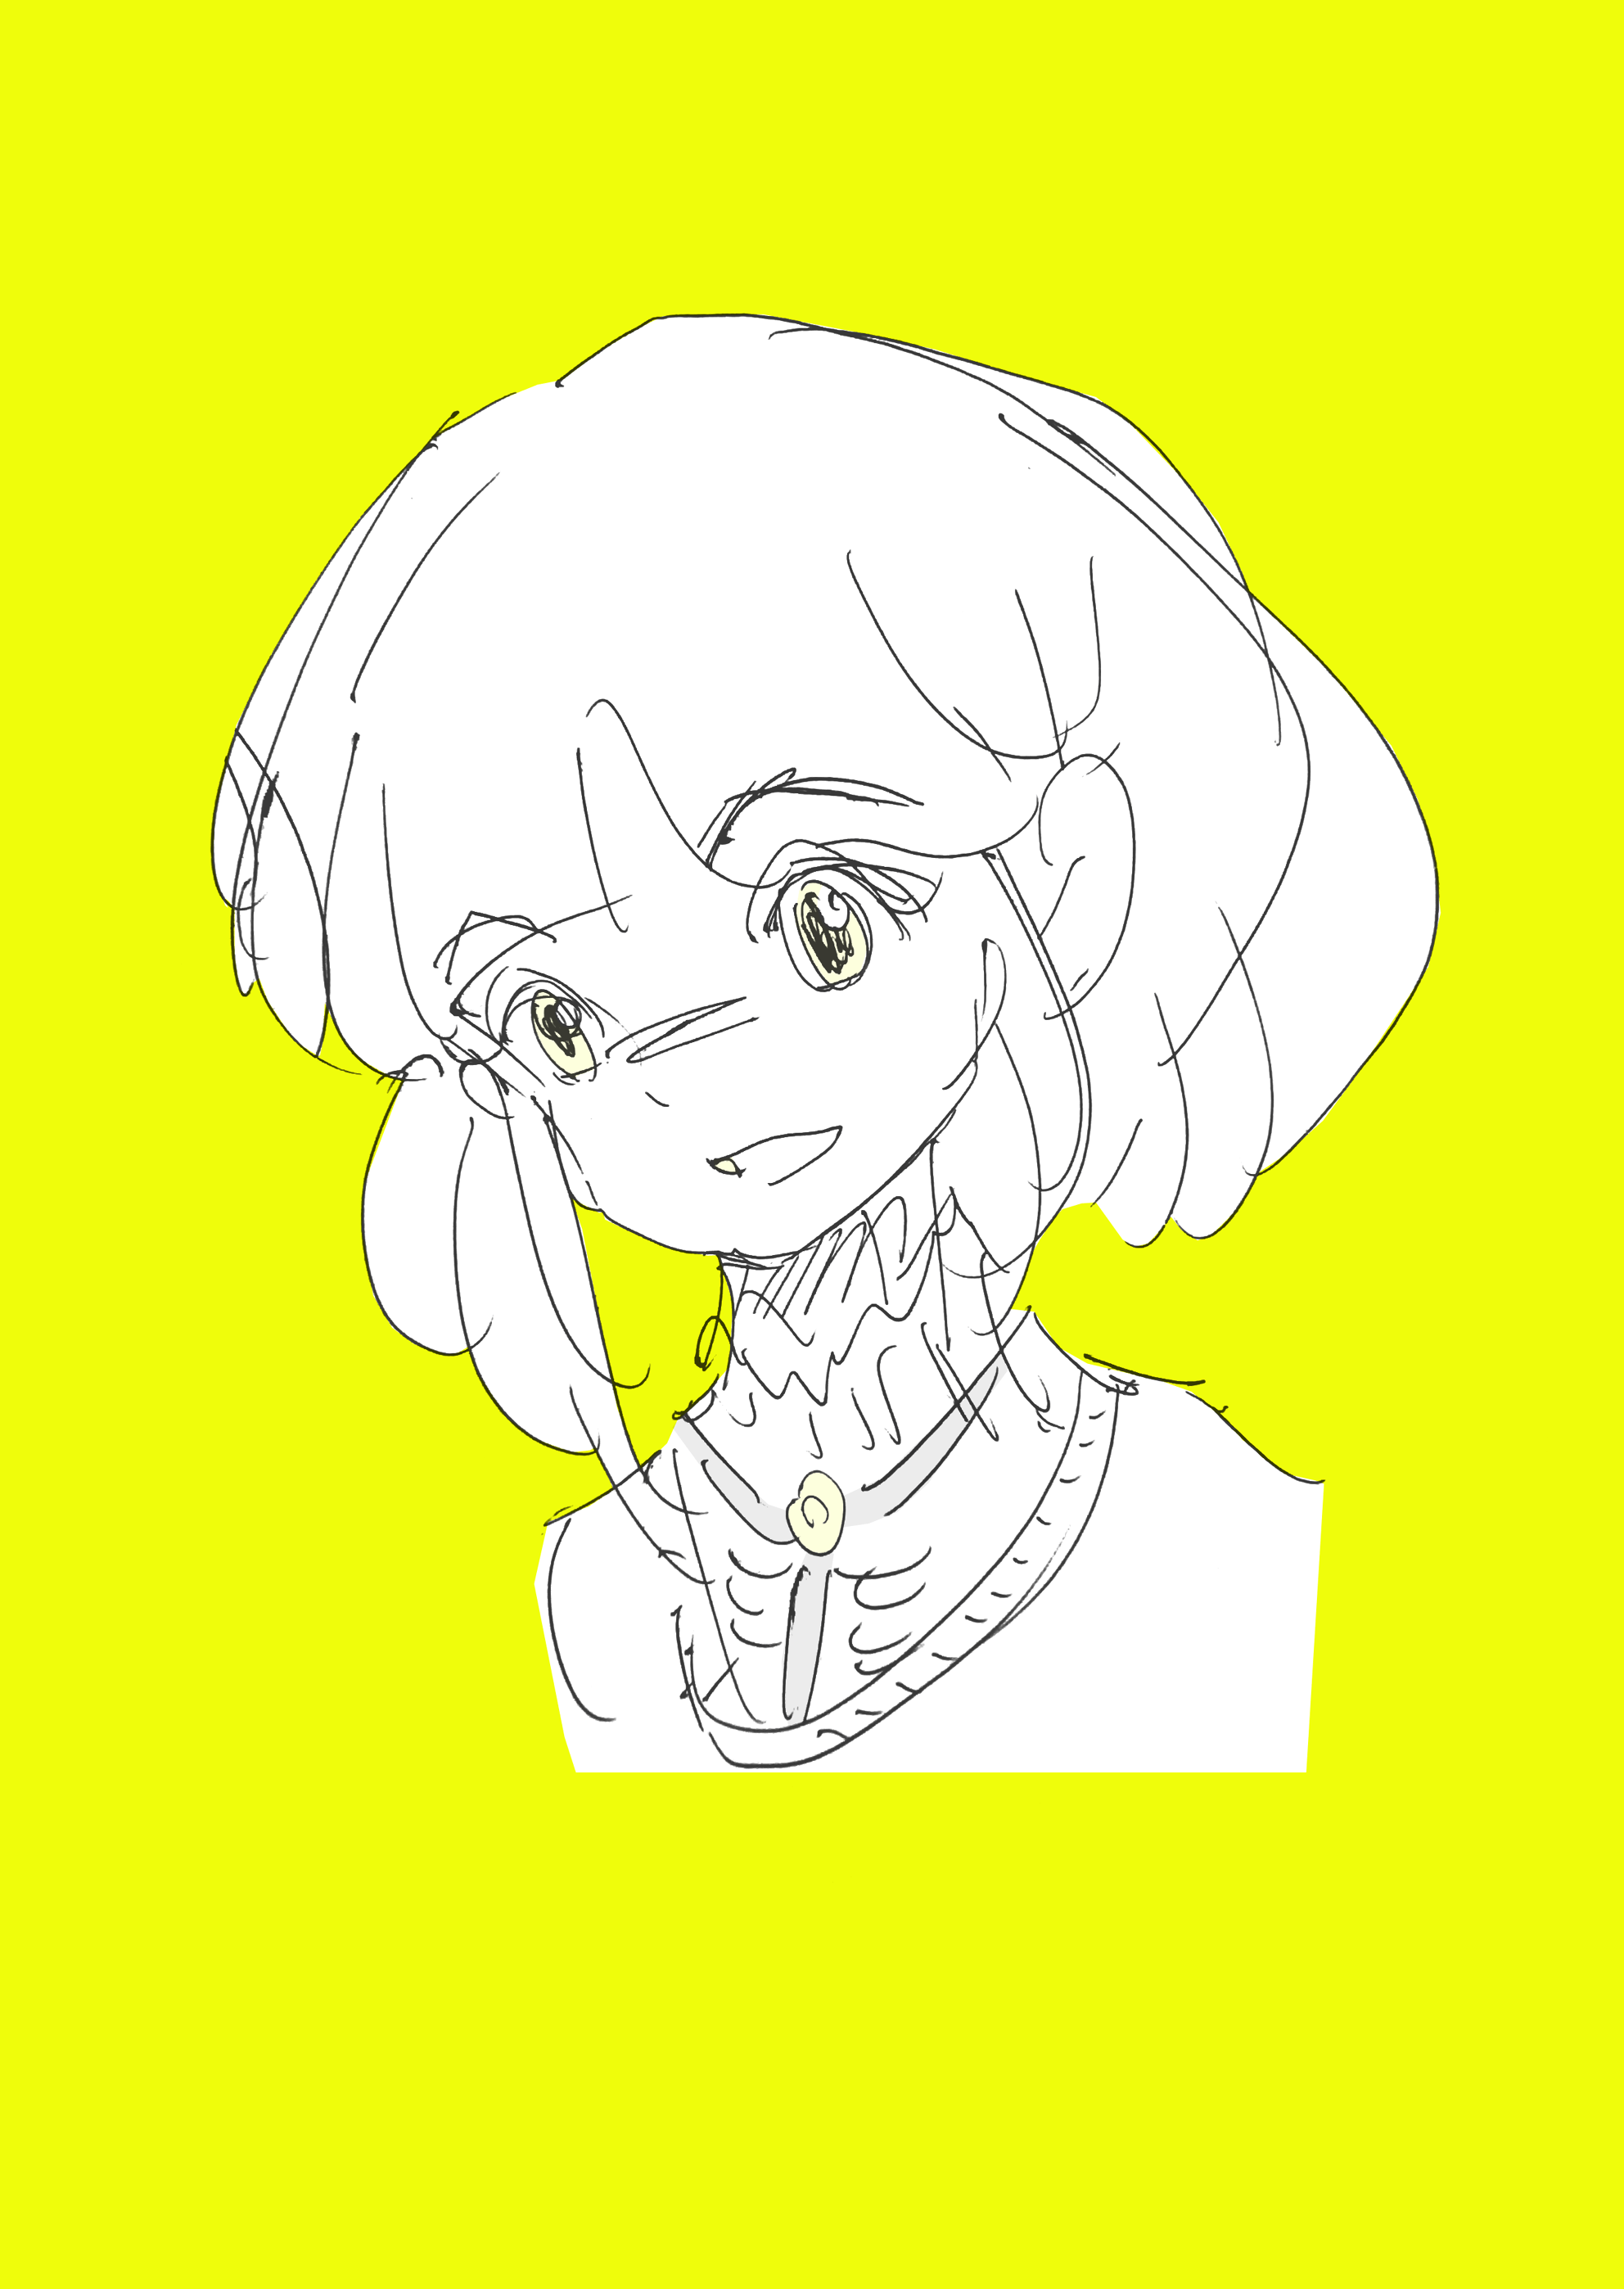 Drawing-girl-May-2019-yellow-2019.png